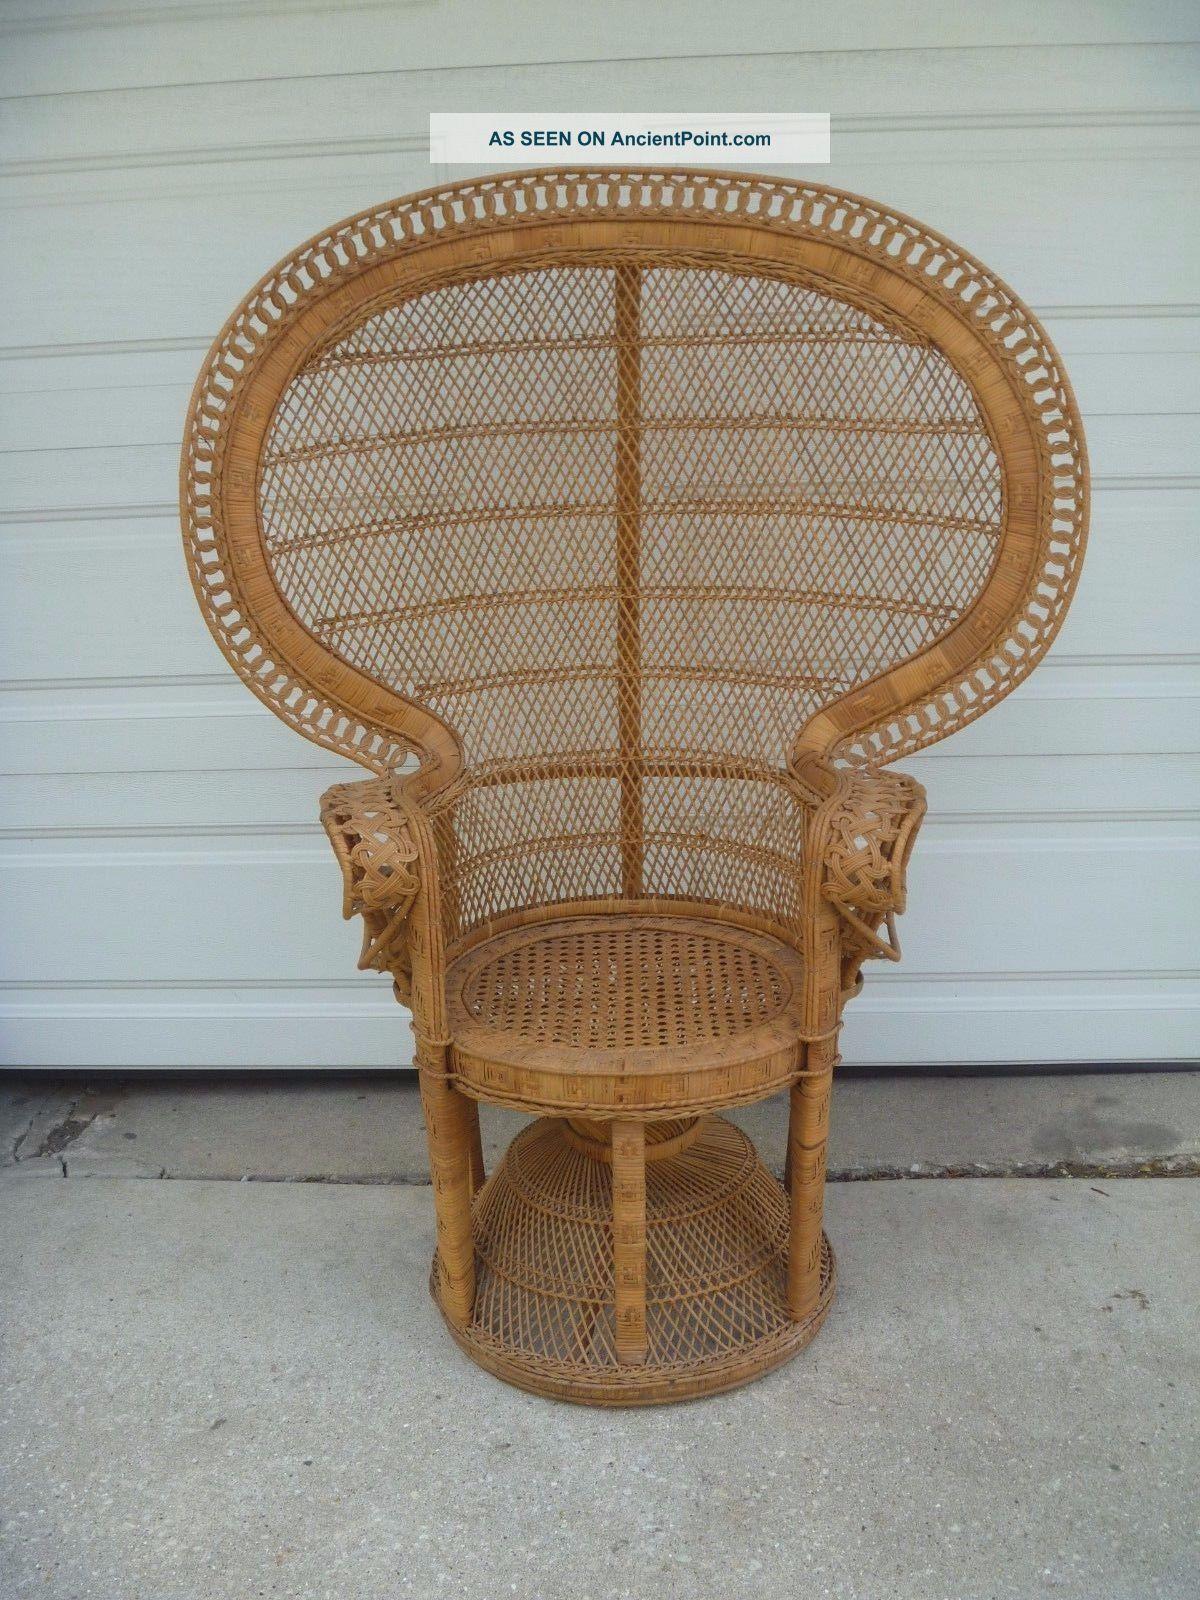 Vintage Peacock Chair Fan Back Large Rattan Wicker Pier